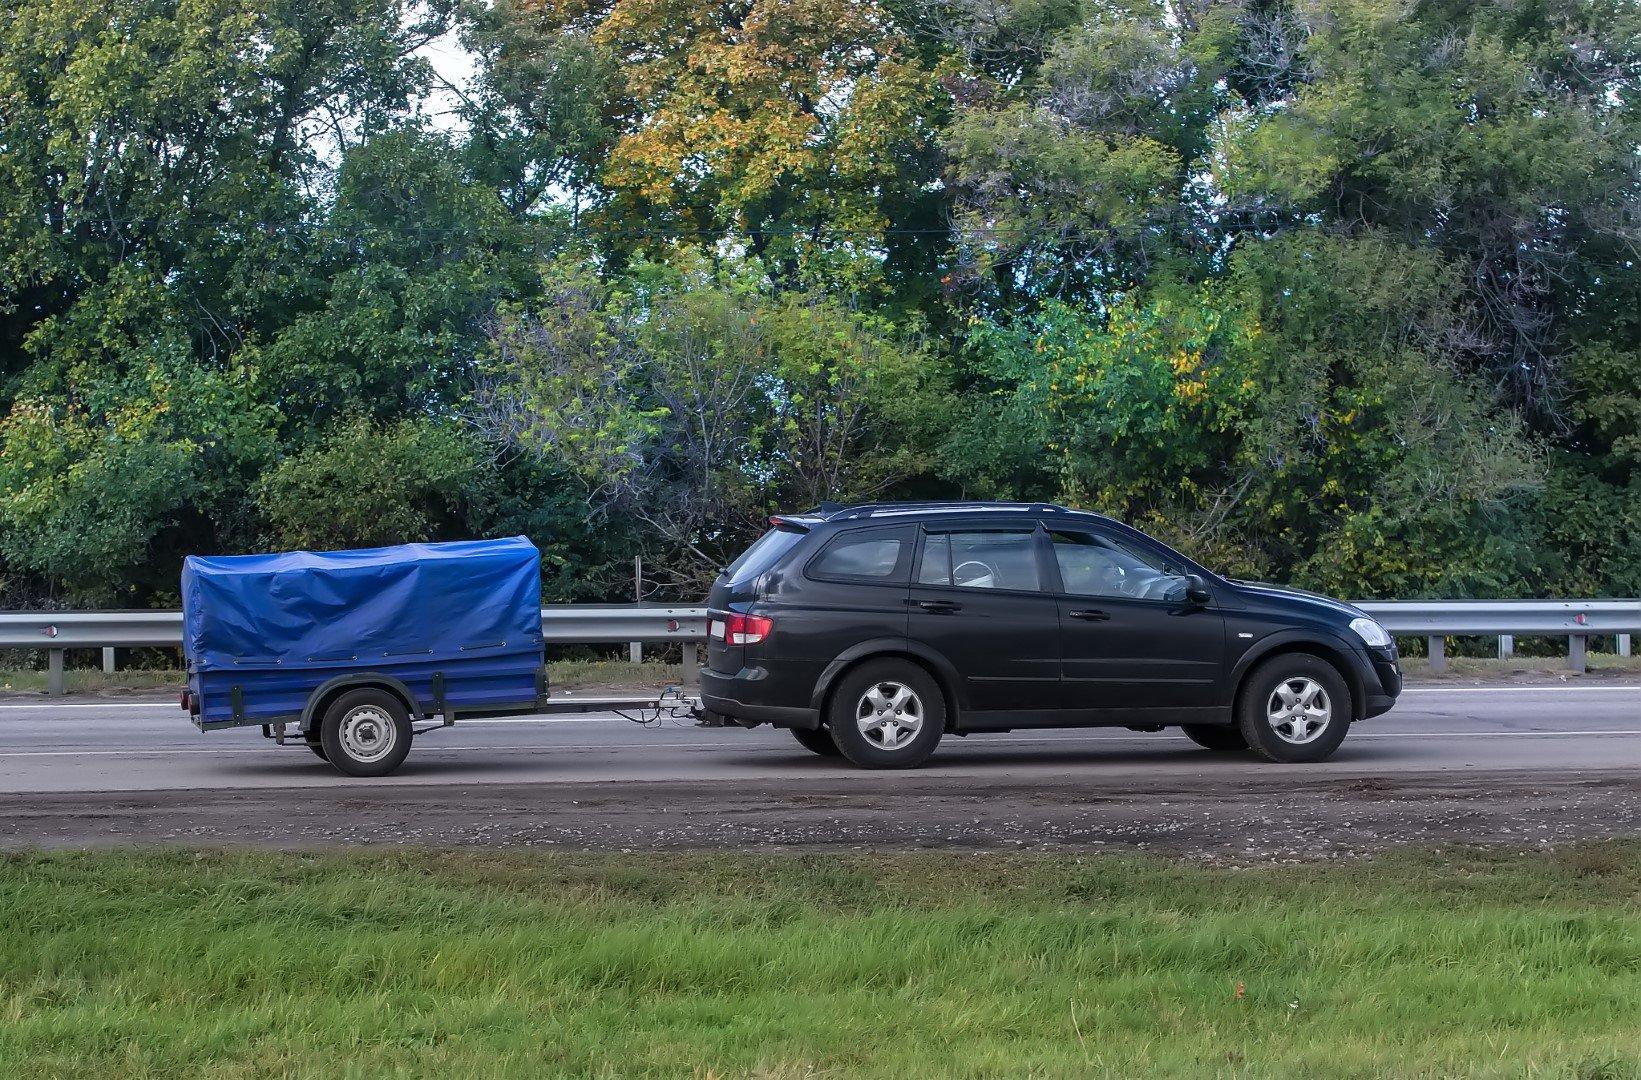 Carro com reboque é carteira da categoria B: Saiba os veículos que você pode dirigir, como obter, manter e renovar cada uma das categorias da CNH, desde a A até a E, passando pela ACC.